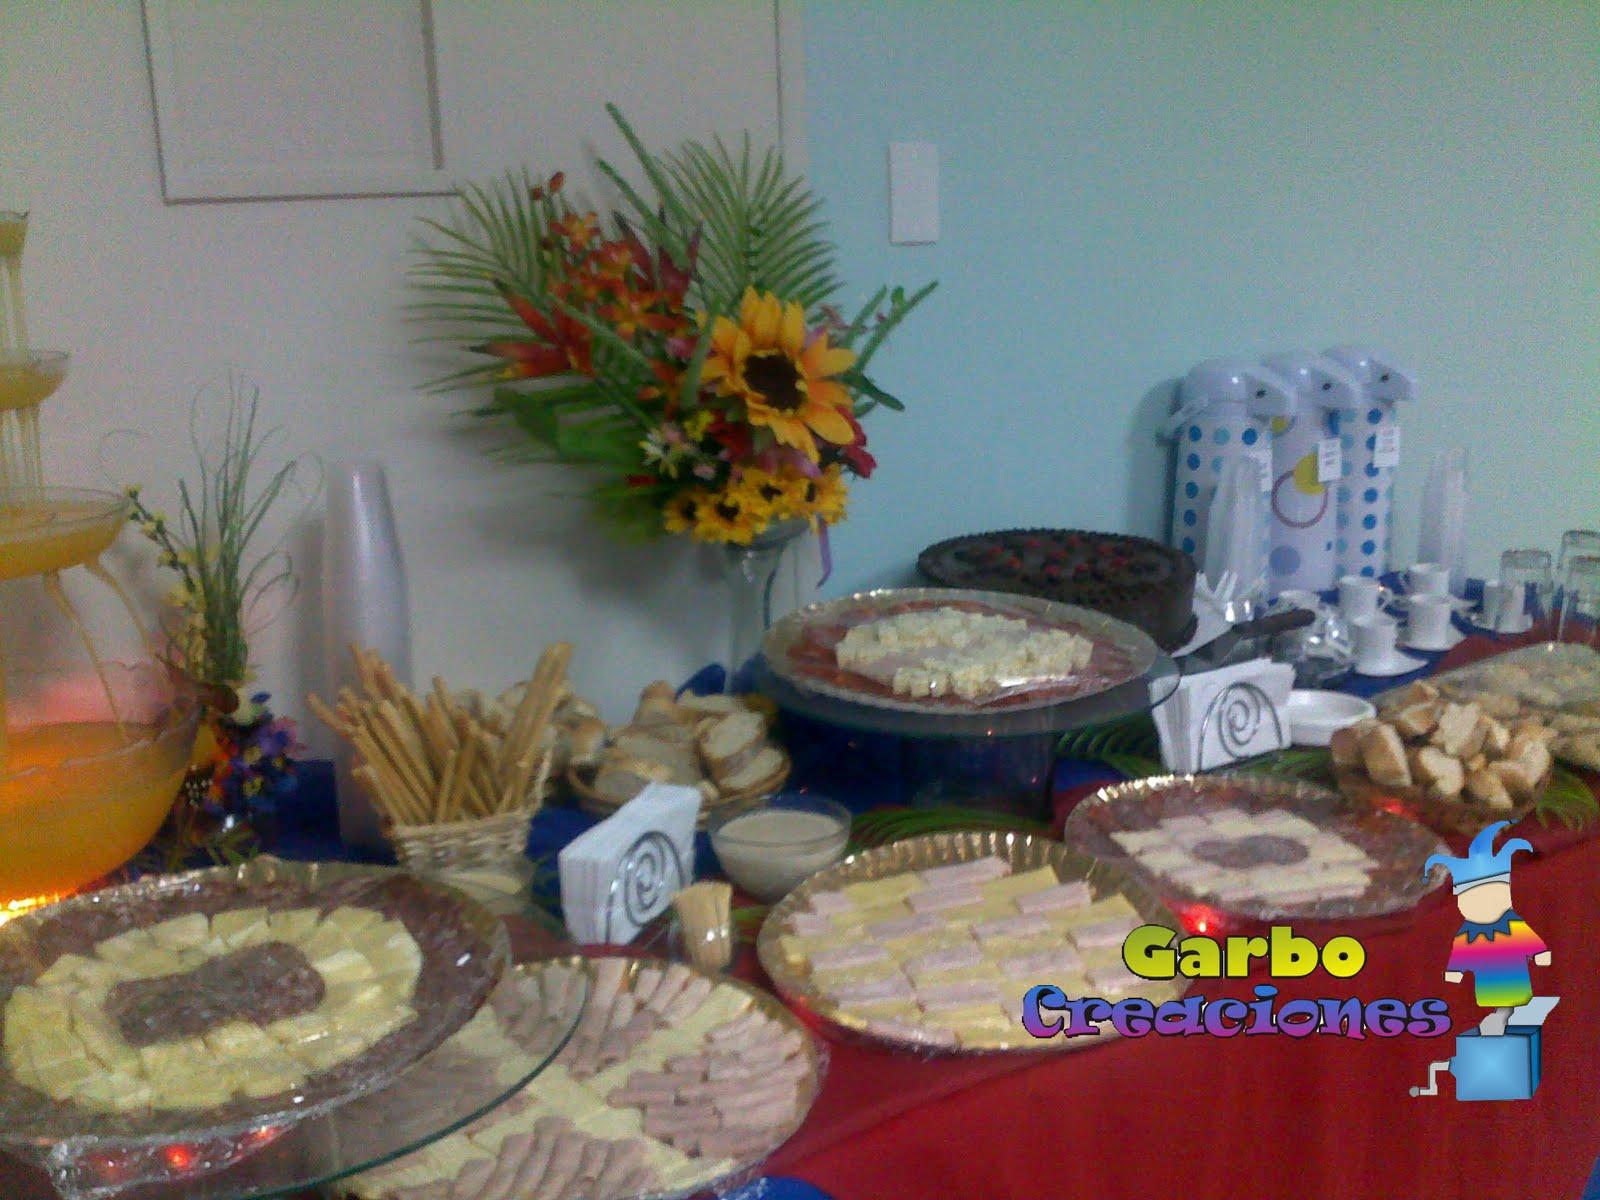 Garbo creaciones mesas de desayunos y coffe break - Bandejas decoracion salon ...